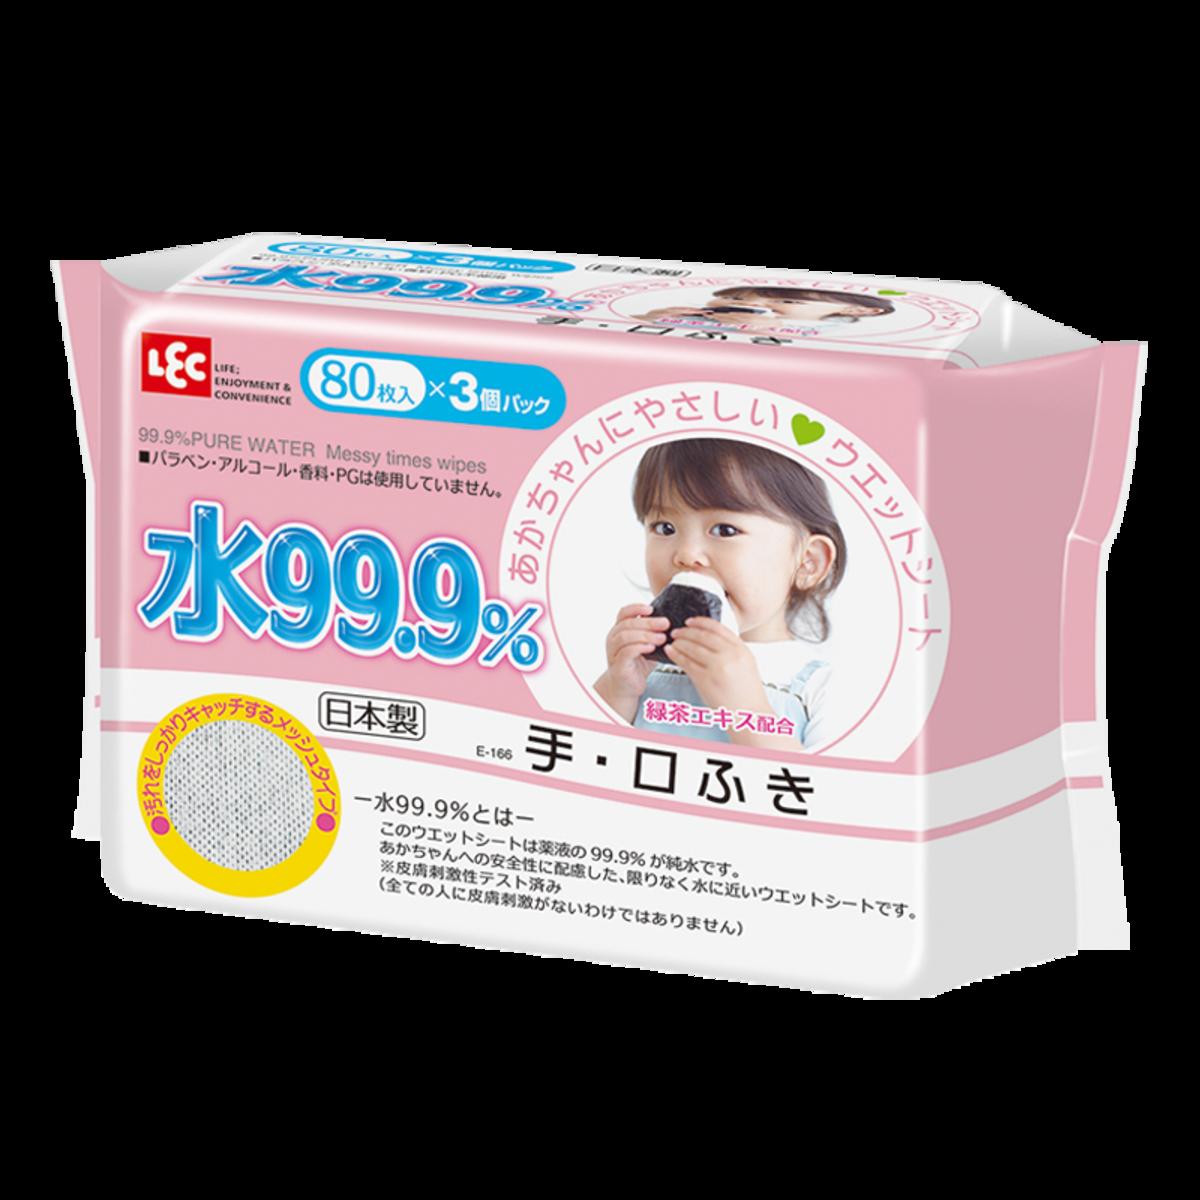 水99.9%幼兒濕抹巾 (手口用) 80片 x 3包